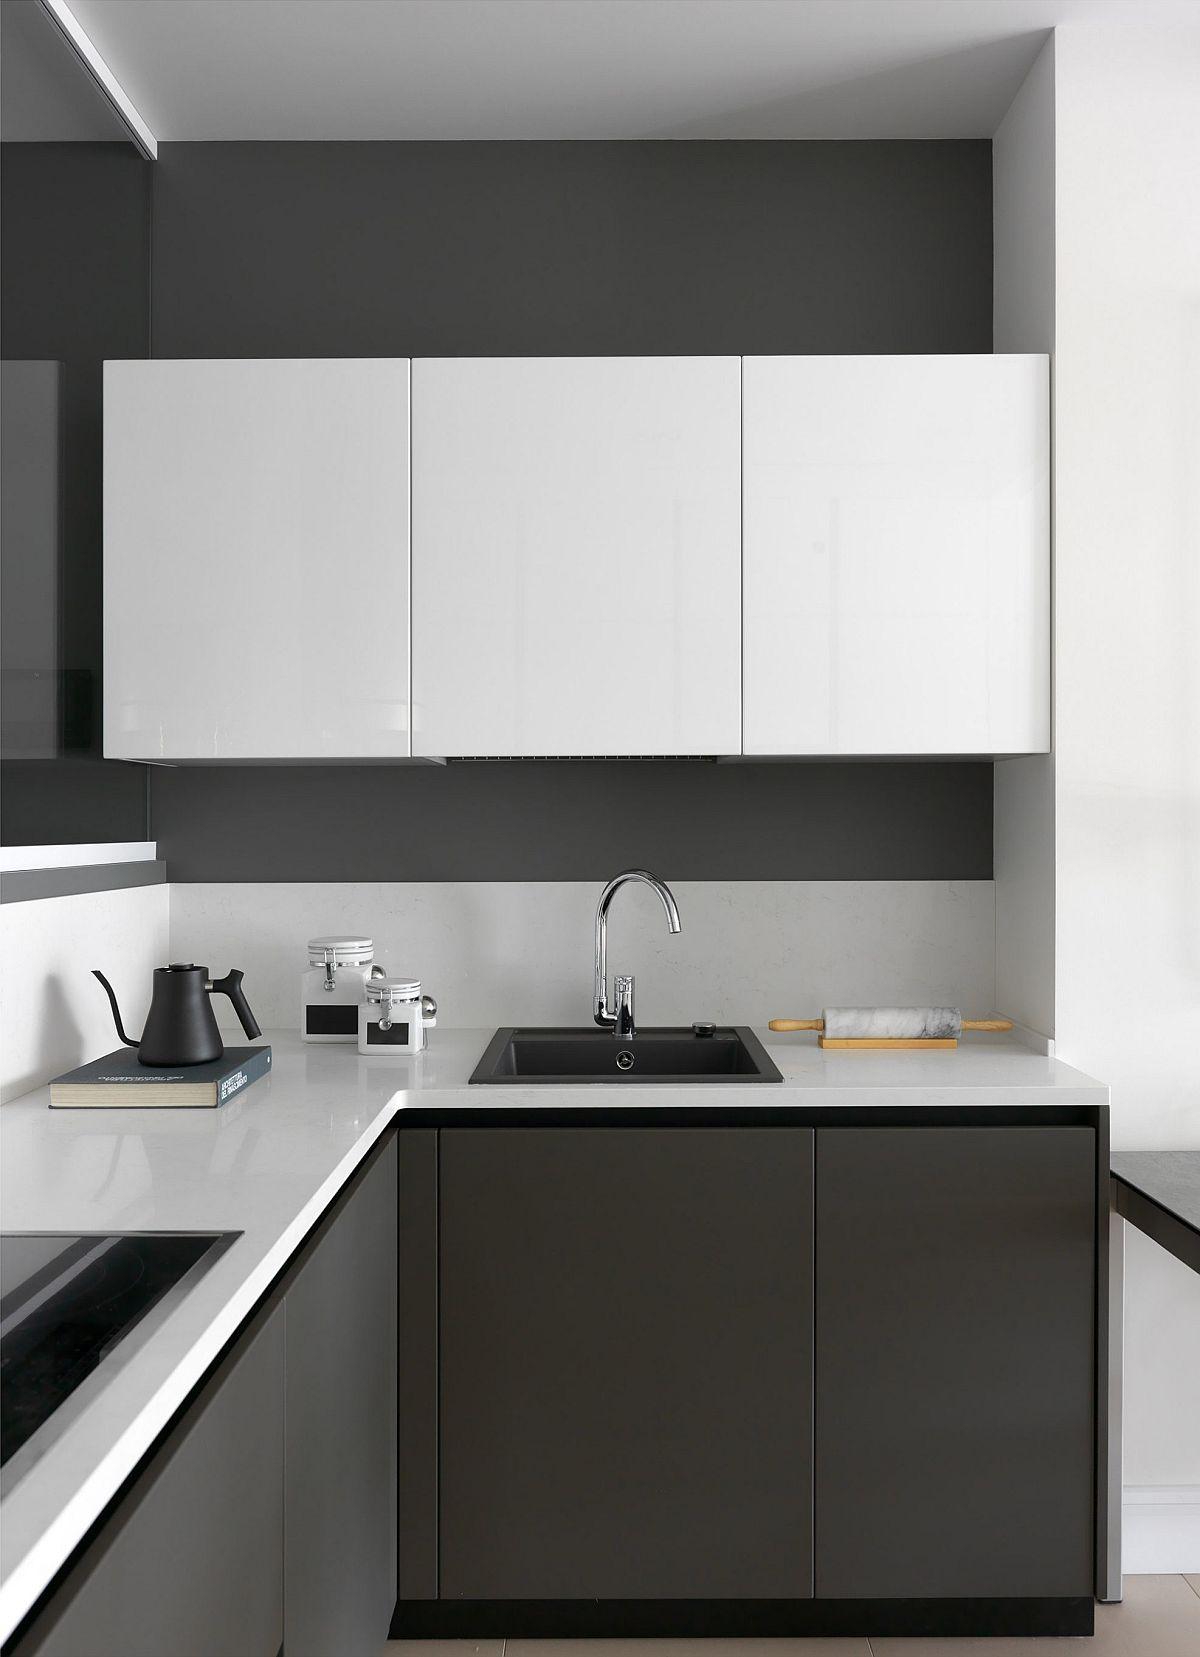 Bucătăria este tratată minimal, majoritatea corpurilor de depozitare fiind situate pe partea opusă, către hol. Pereții din bucătărie, ca și corpurile joase au fost alese în nuanțe închise de antracit. Aceeași nuanță închisă este folosită și pentru pereții holului, ceea ce conferă o senzație de profunzime a spațiului, având în vedere că bucătăria este separată față de hol cu un panou de sticlă. Sticla este fixată pe blatul de lucru și în plafon.